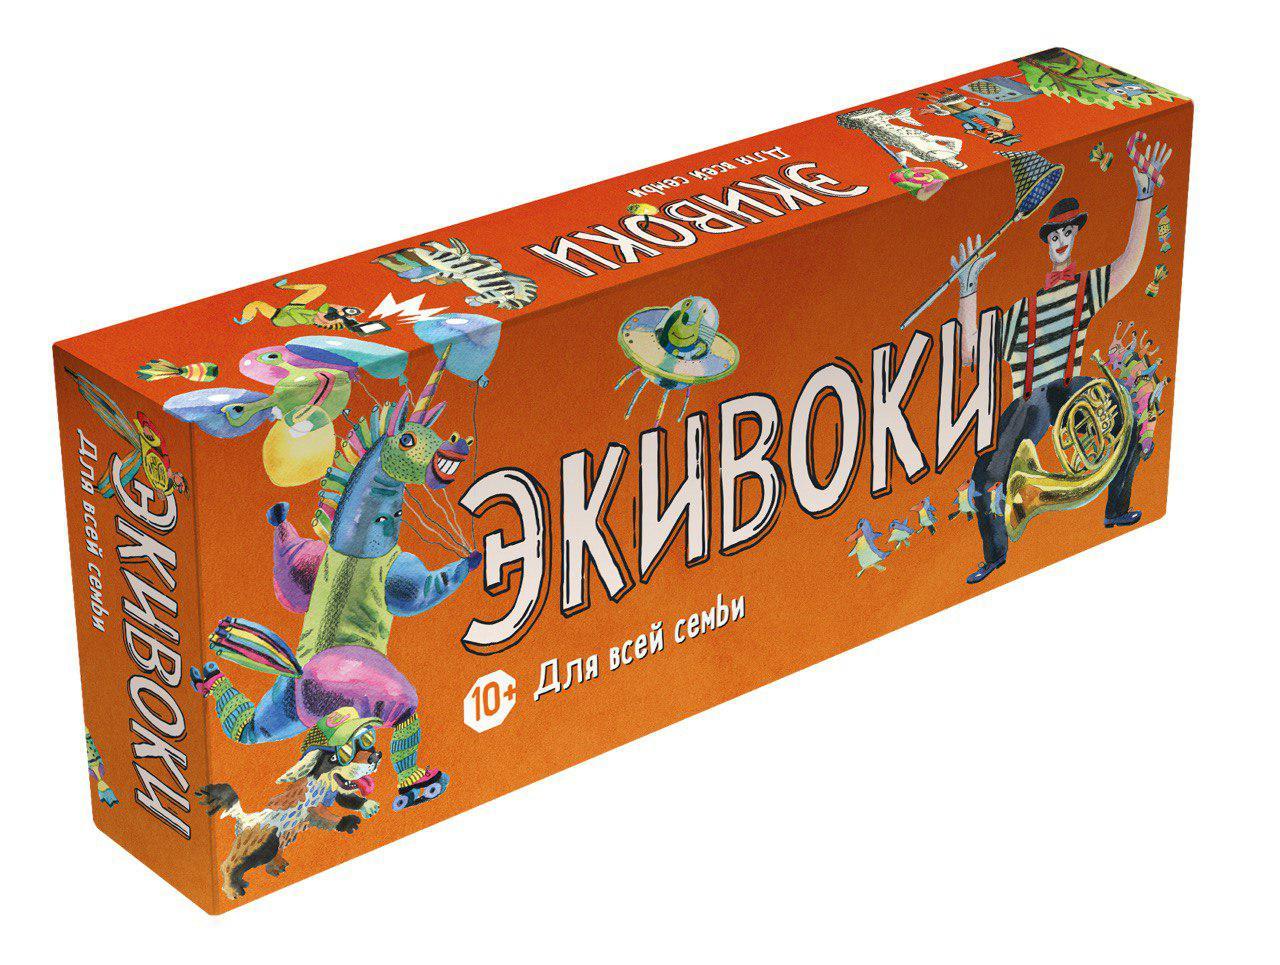 Купить ЭКИВОКИ Для всей семьи 21265 - настольная игра, Экивоки, Россия